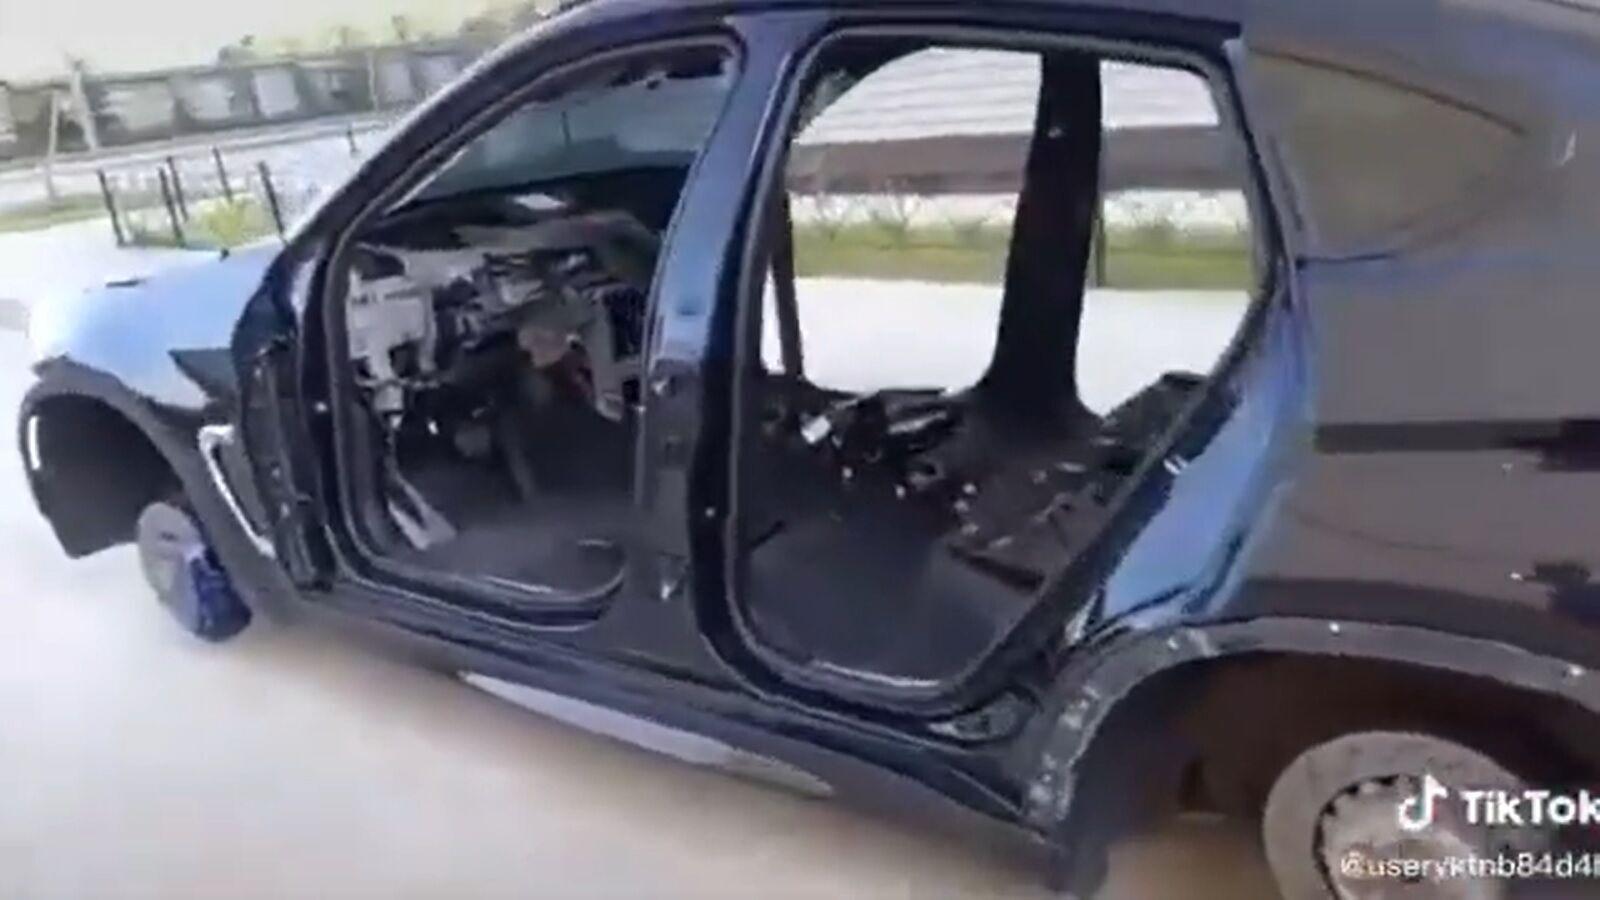 Кроссовер BMW практически полностью разобрали за одну ночь.